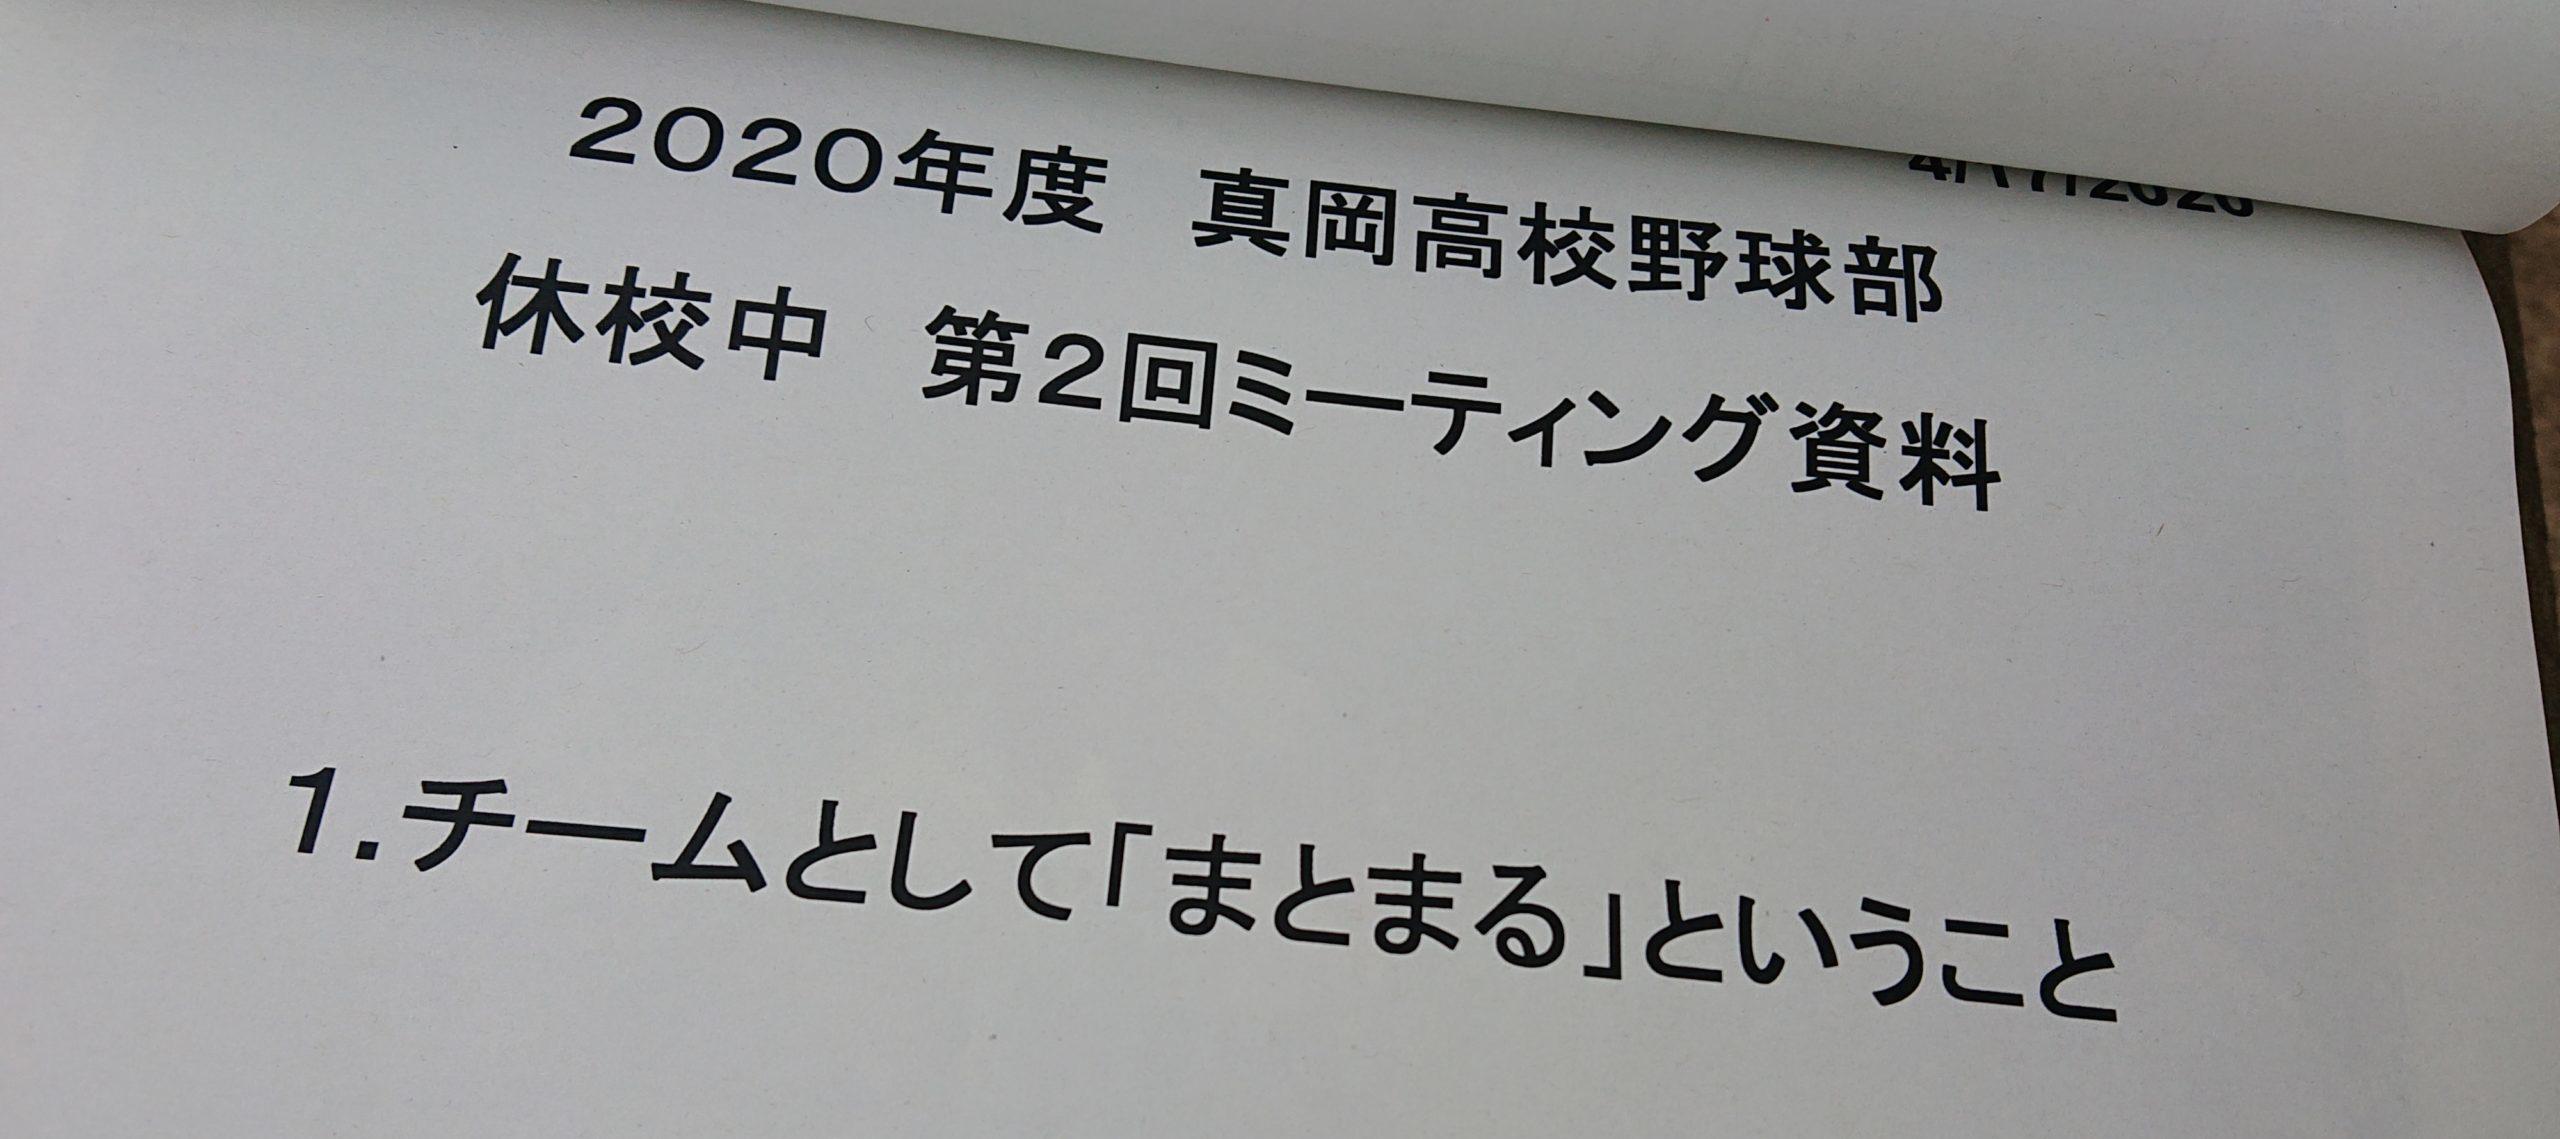 【真 岡 野球部】『学校ホームページに資料をアップ』